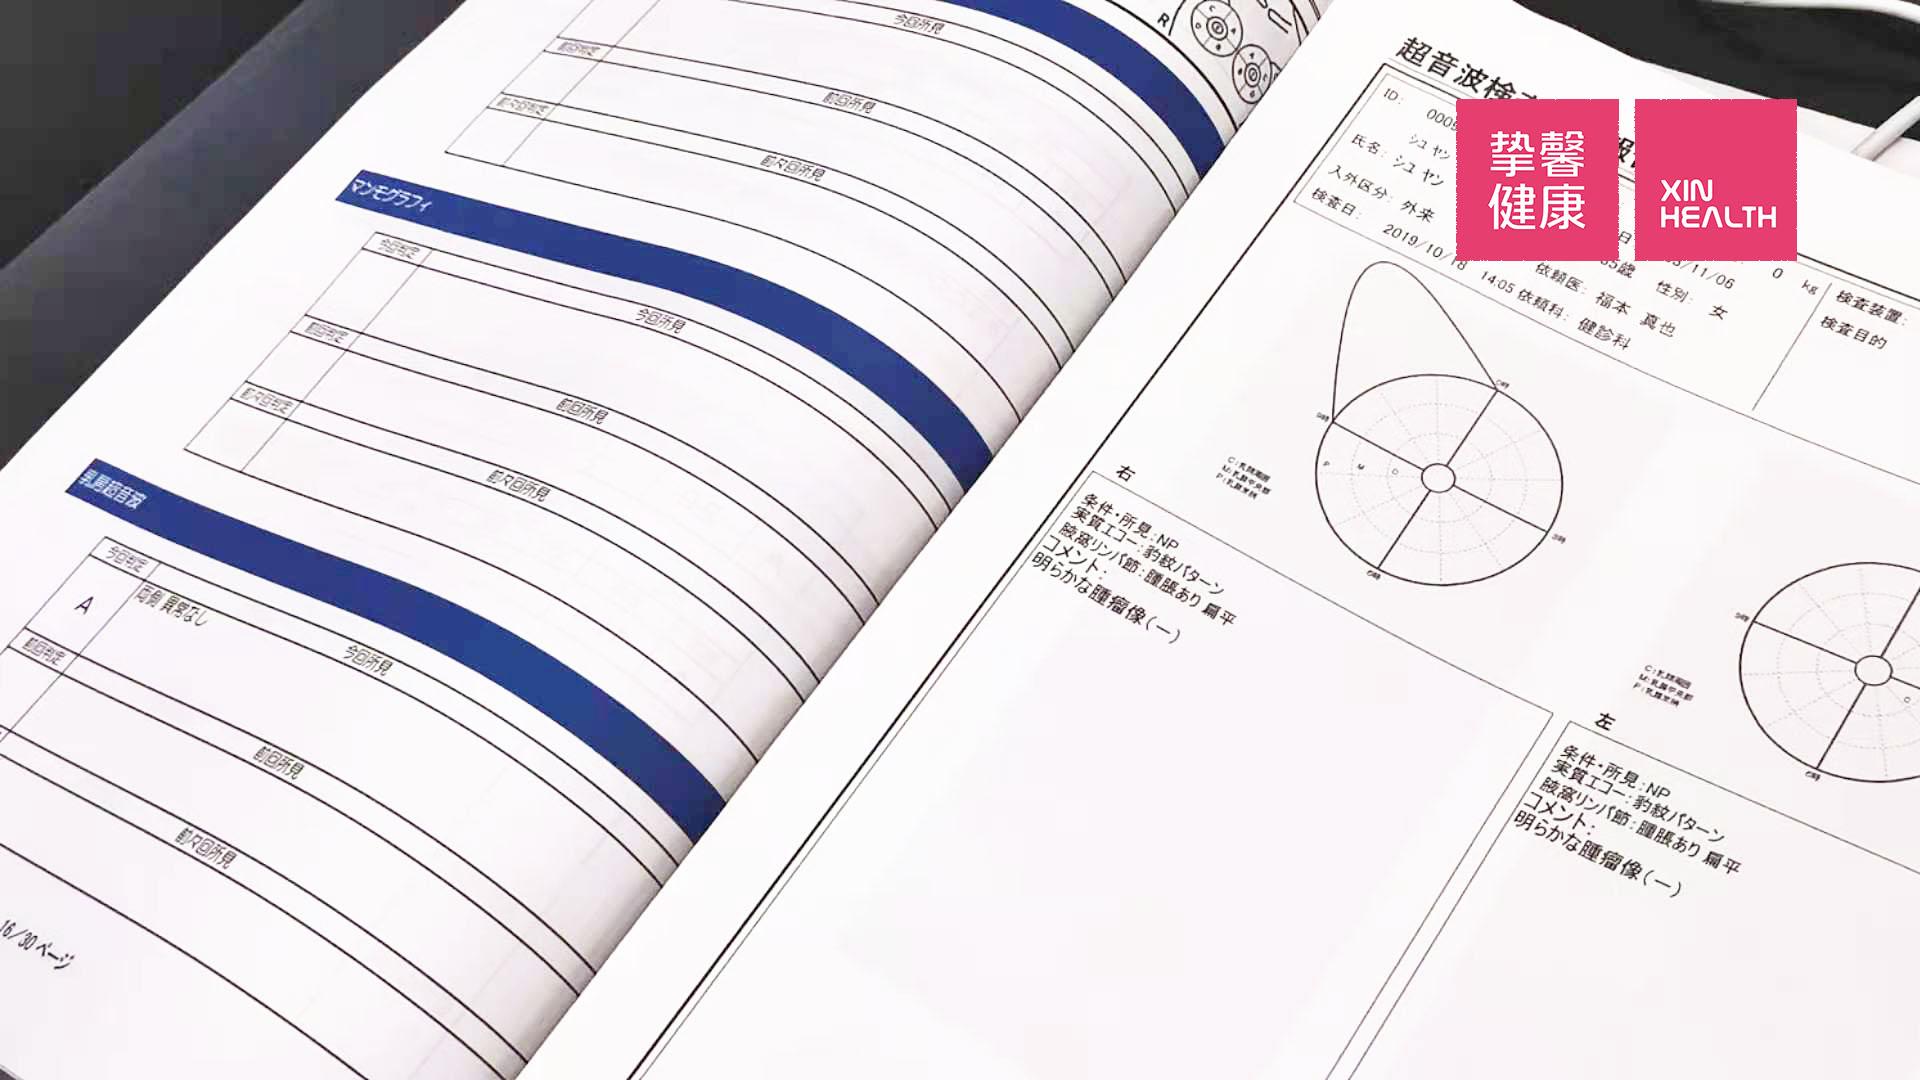 日本高级体检 乳腺检查报告